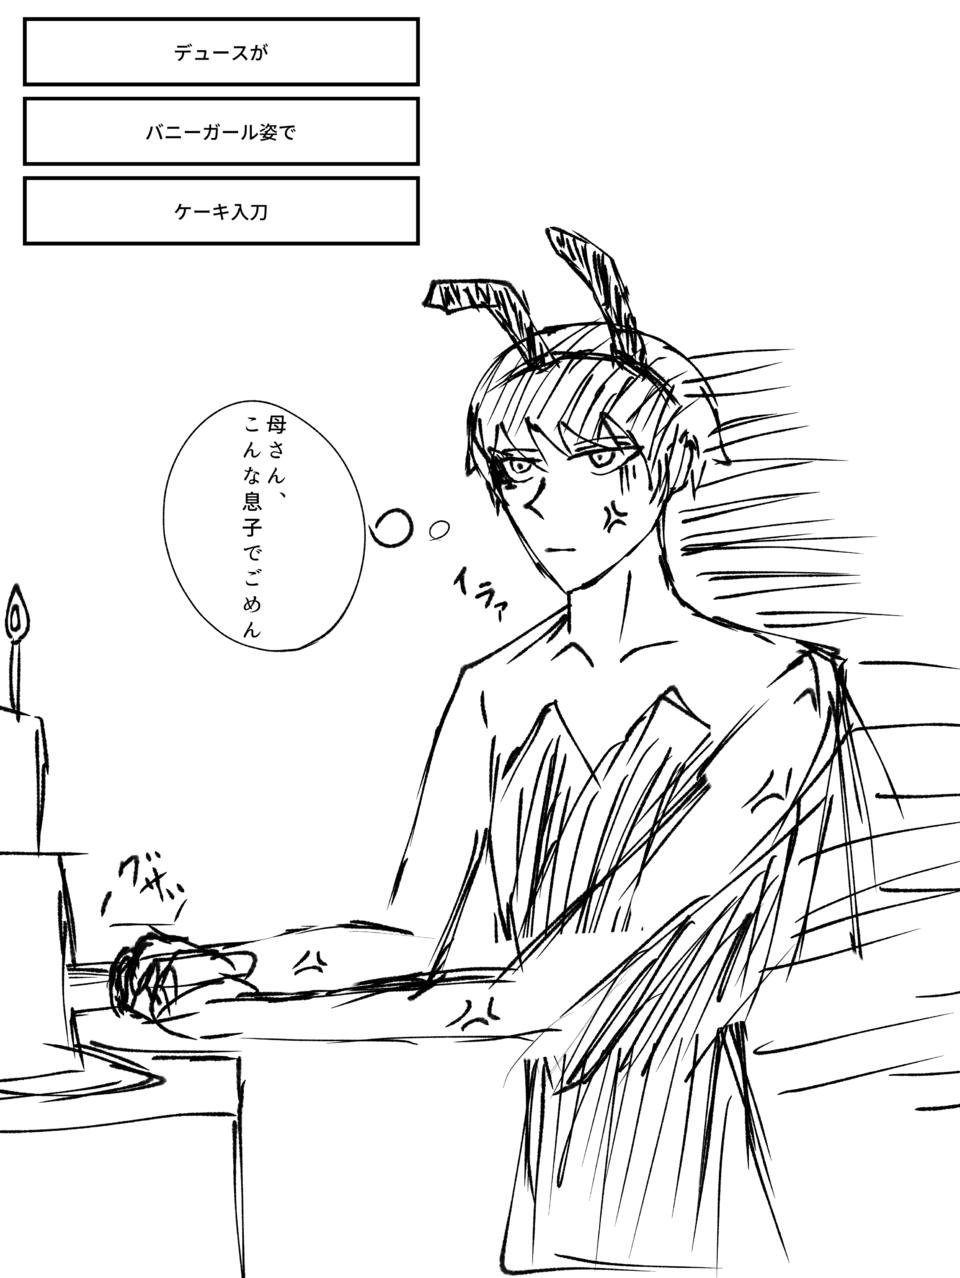 ツイステ 闇 鍋 ルーレット